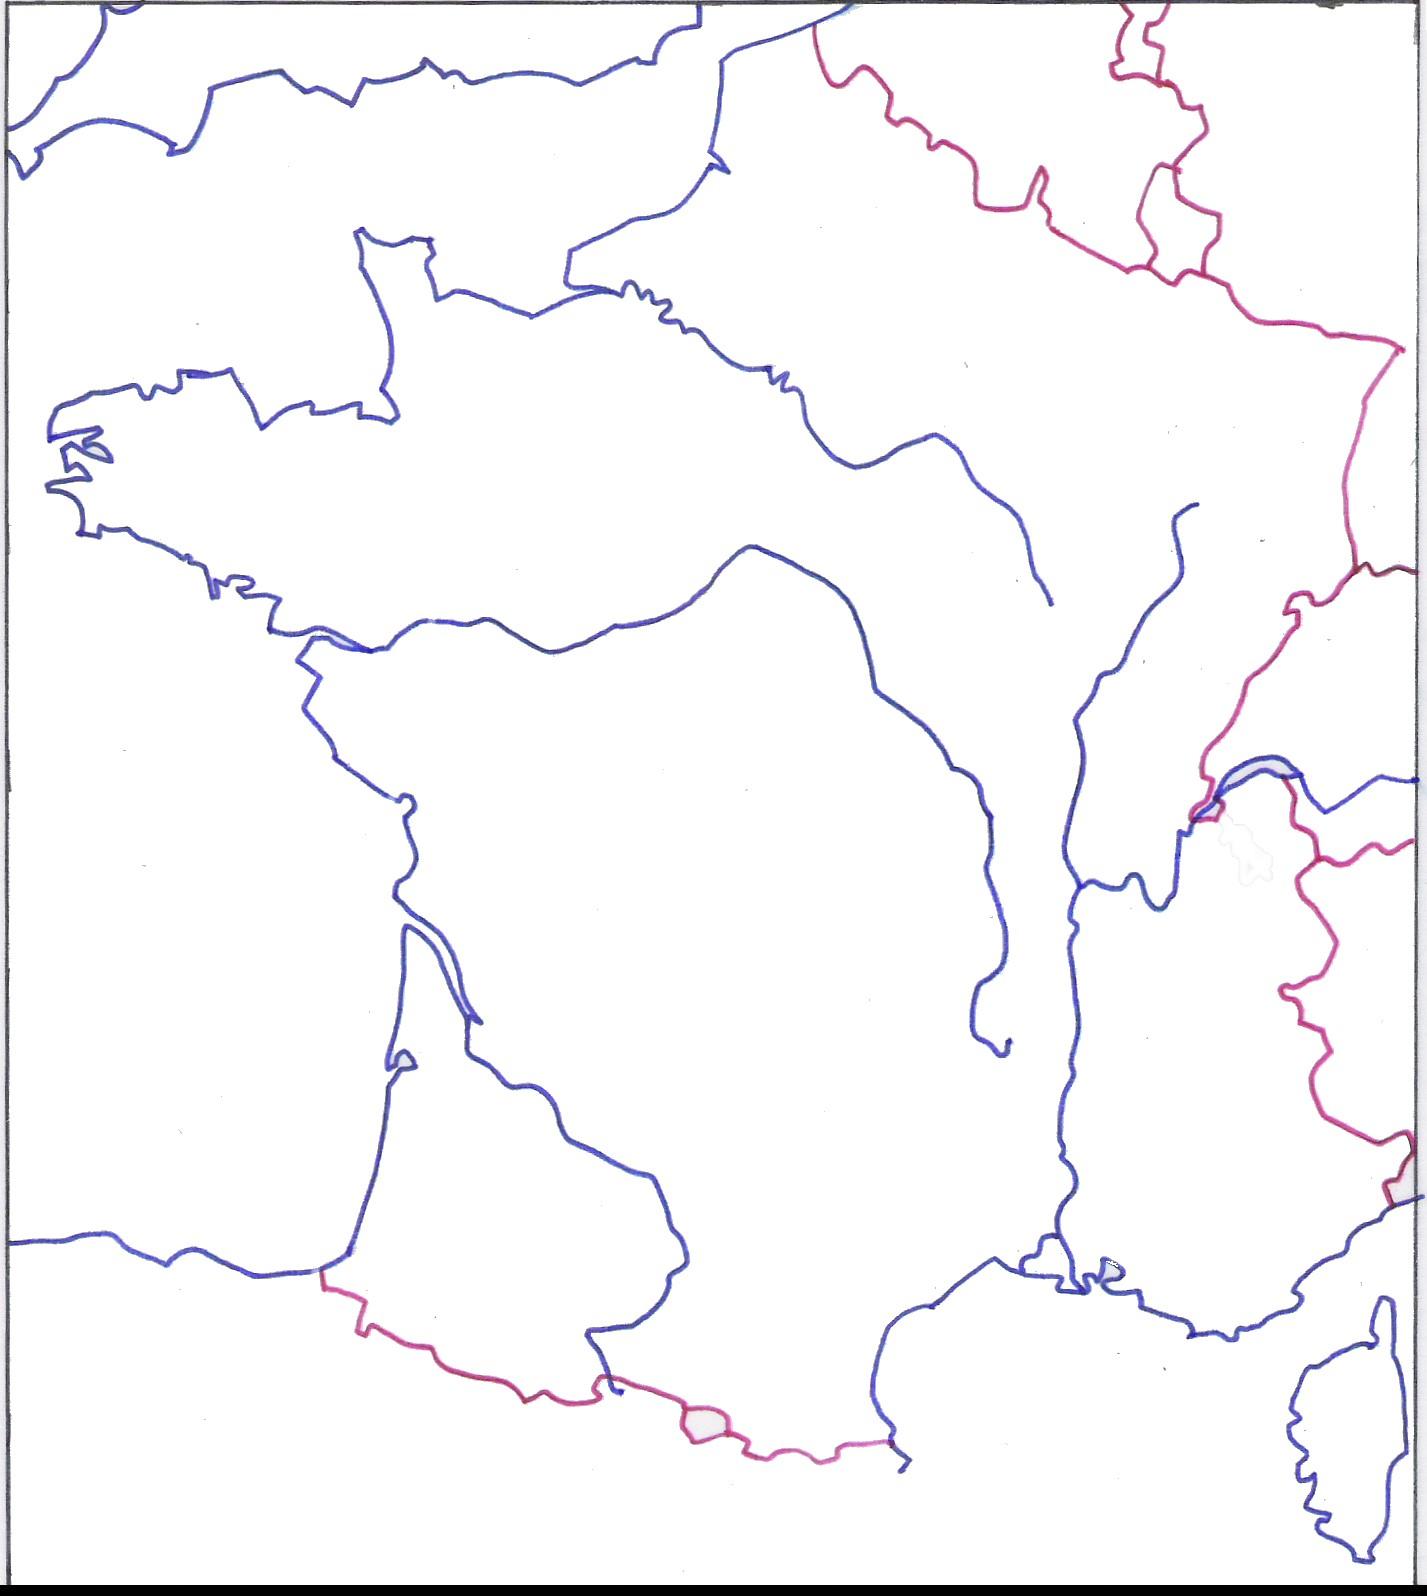 Fonds De Cartes - Les Pratiques De Classe De Mister Chat avec Carte De France A Remplir